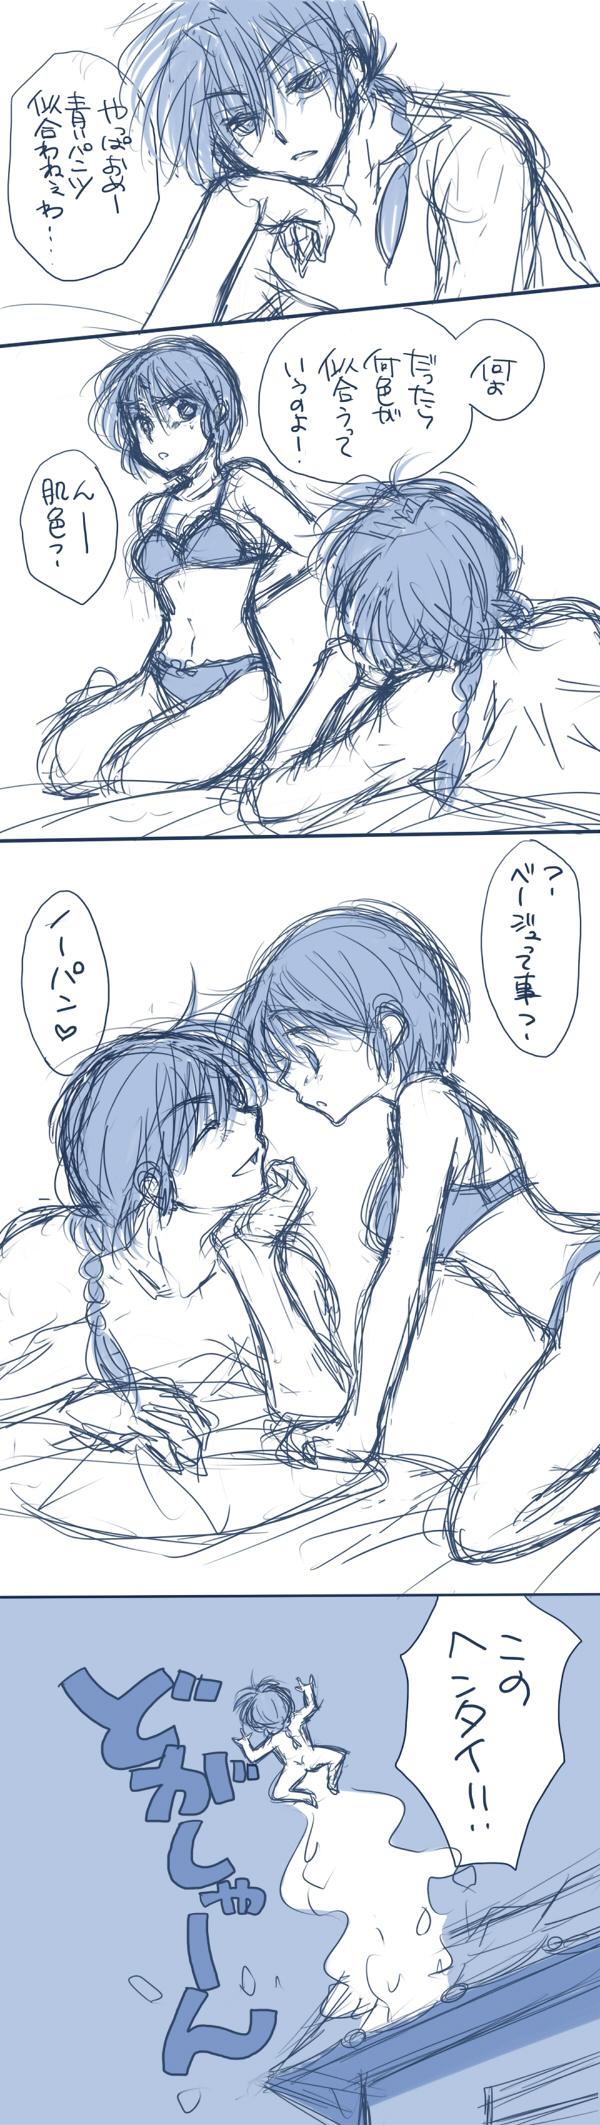 rana-manga03.jpg